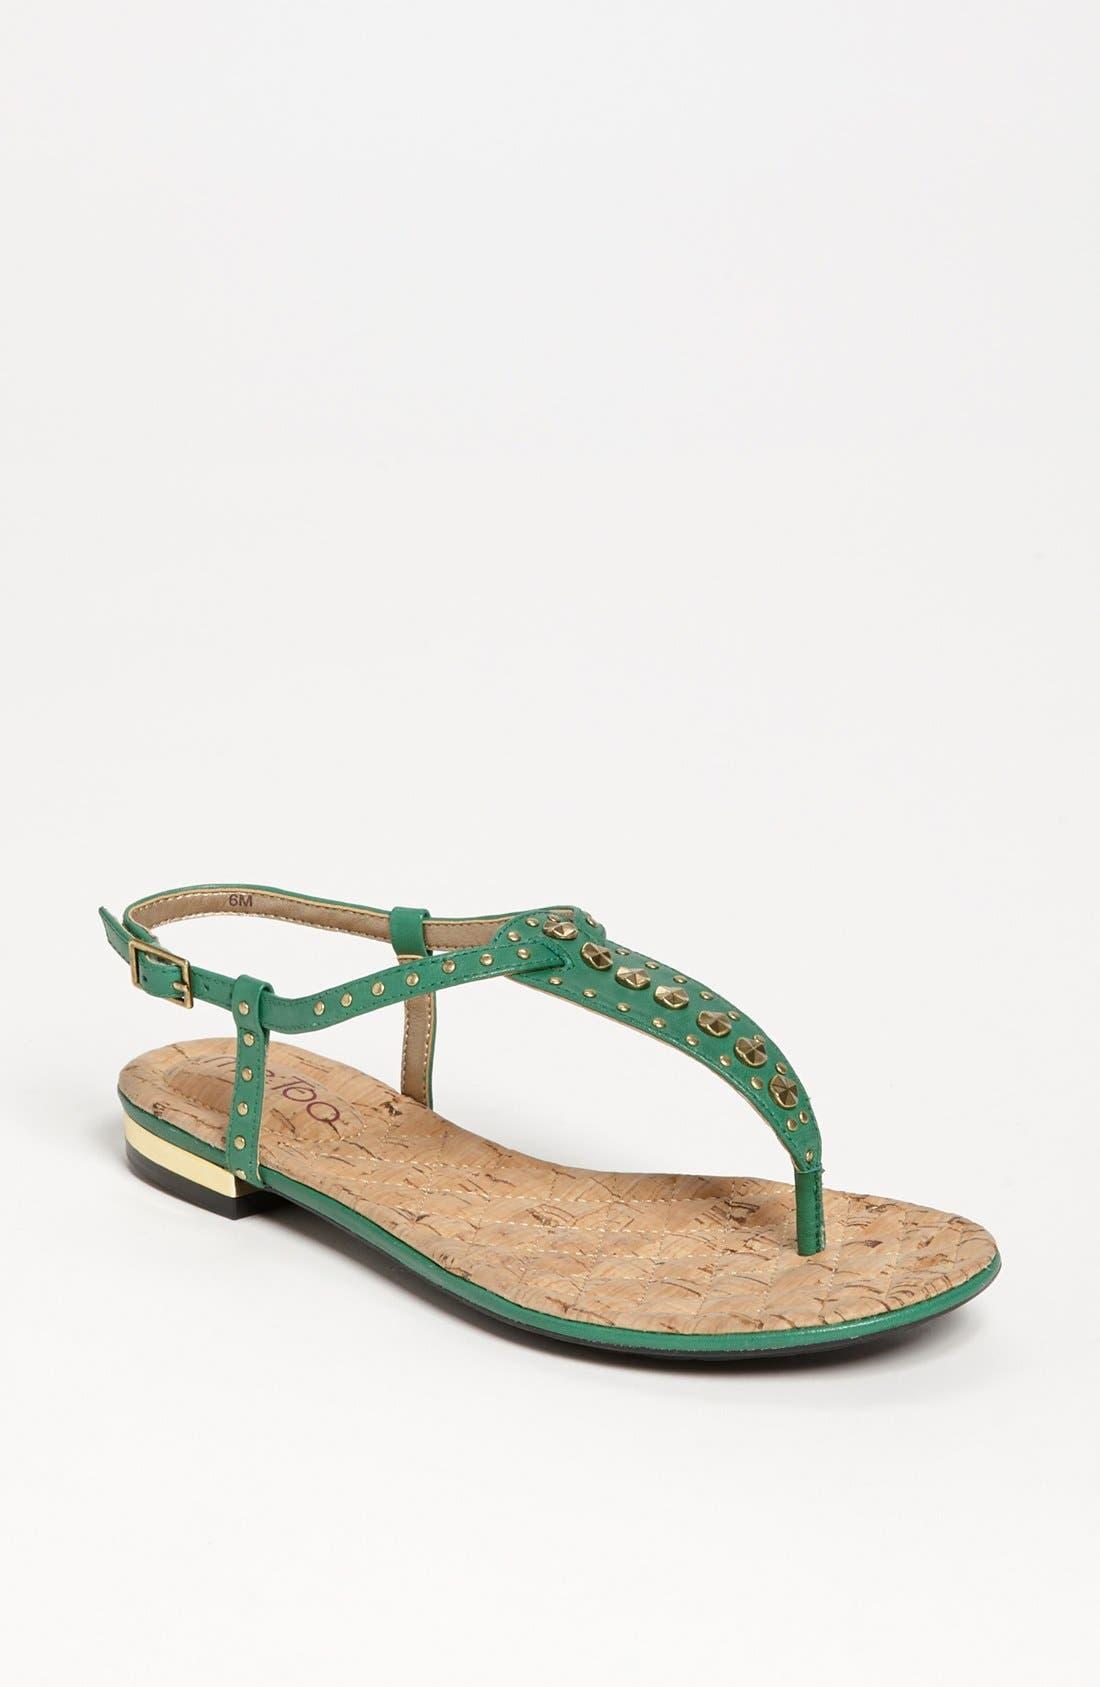 Alternate Image 1 Selected - Me Too 'Reno' Sandal